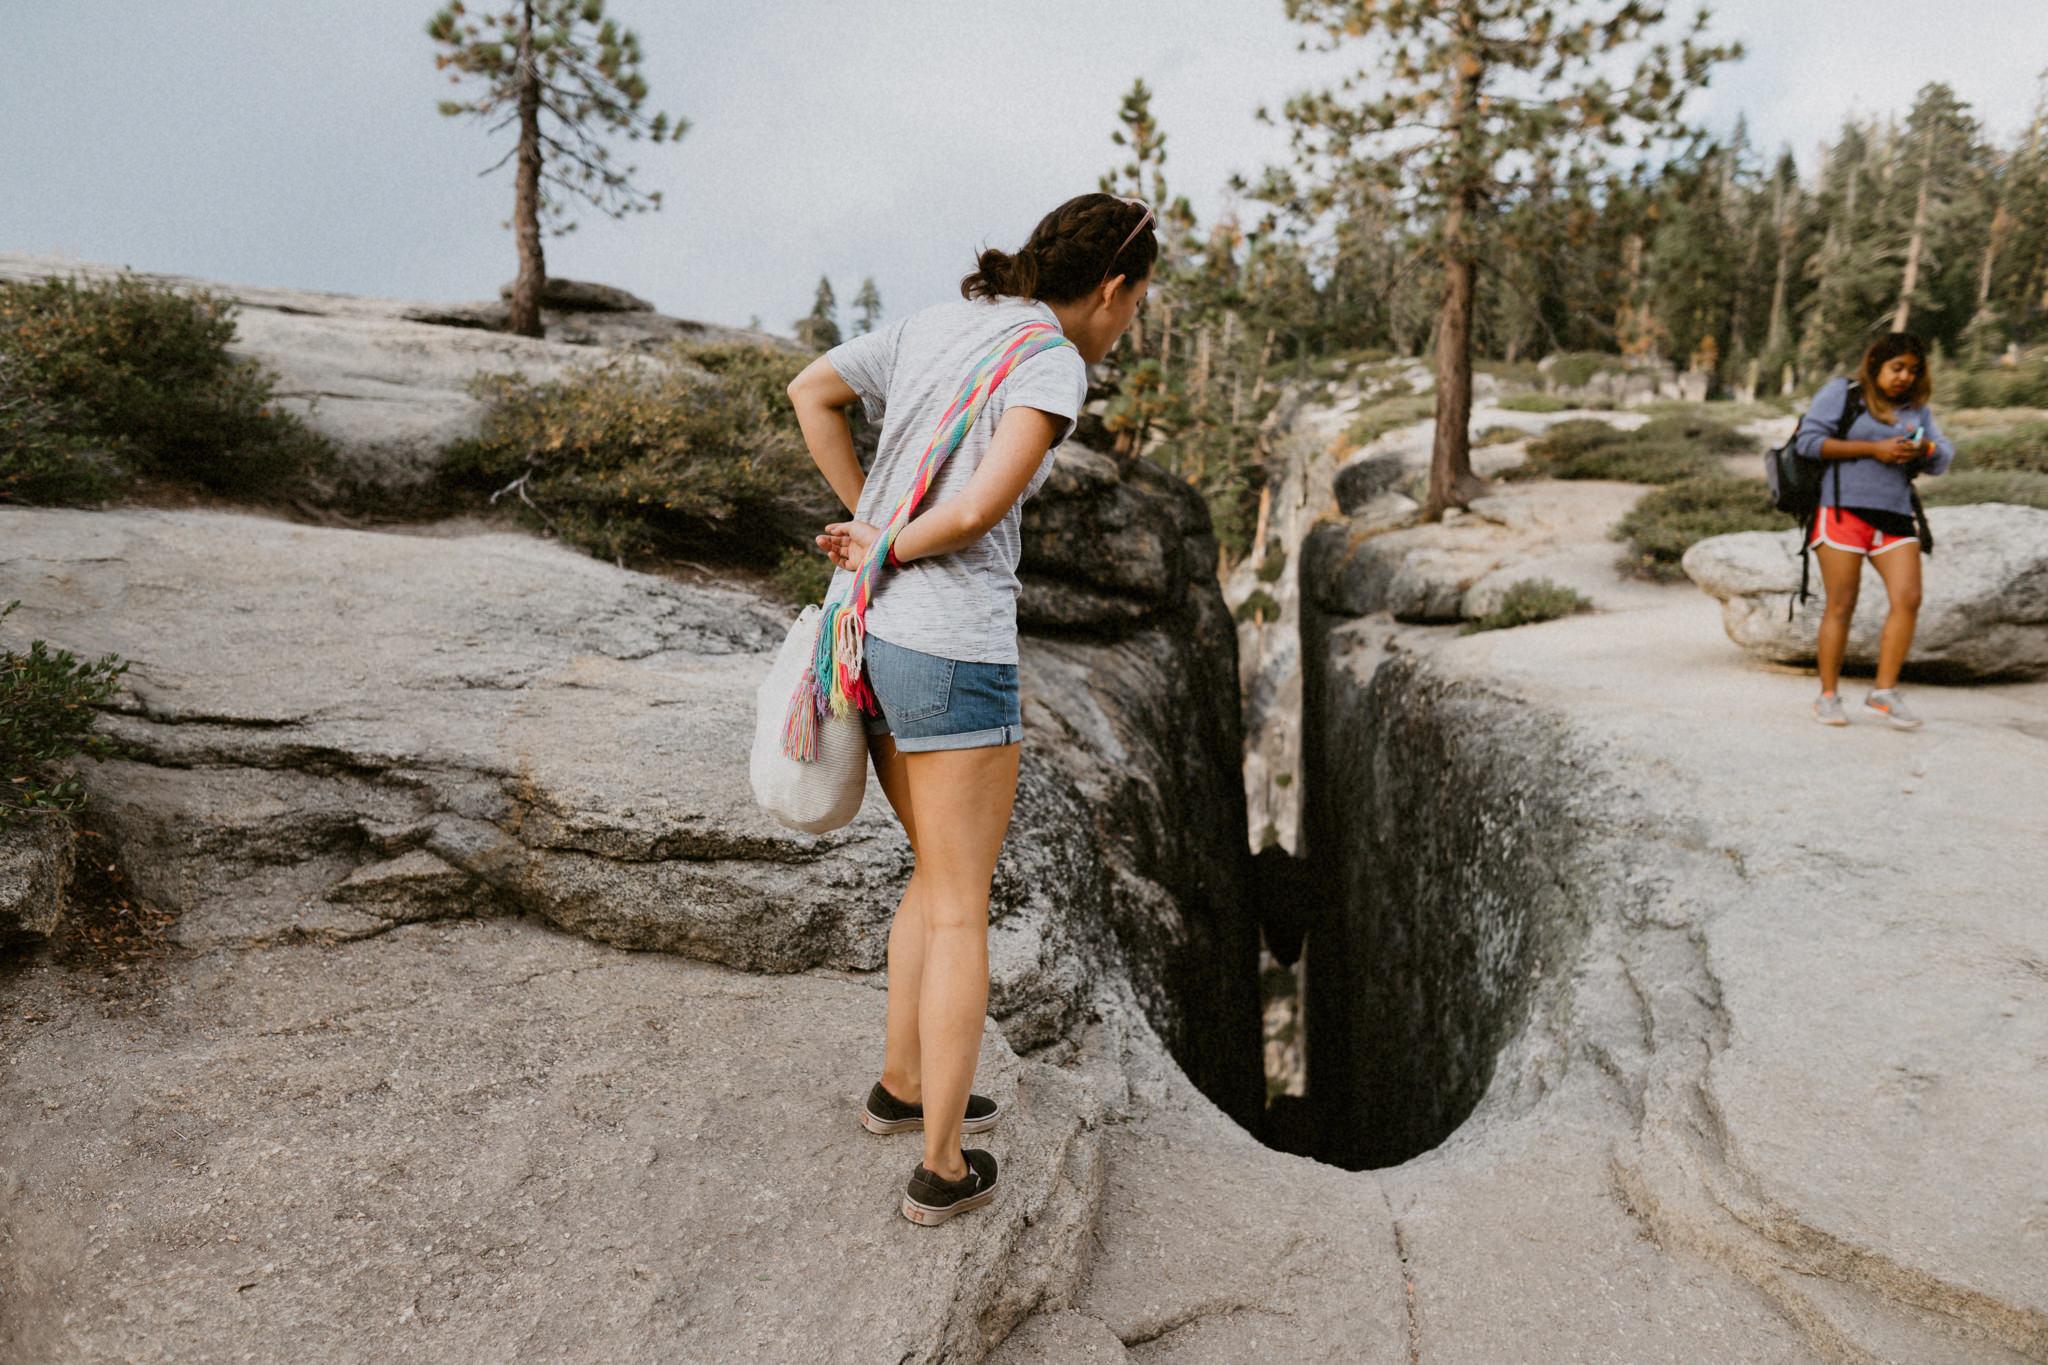 20160820_Yosemite_0038-Exposure.jpg